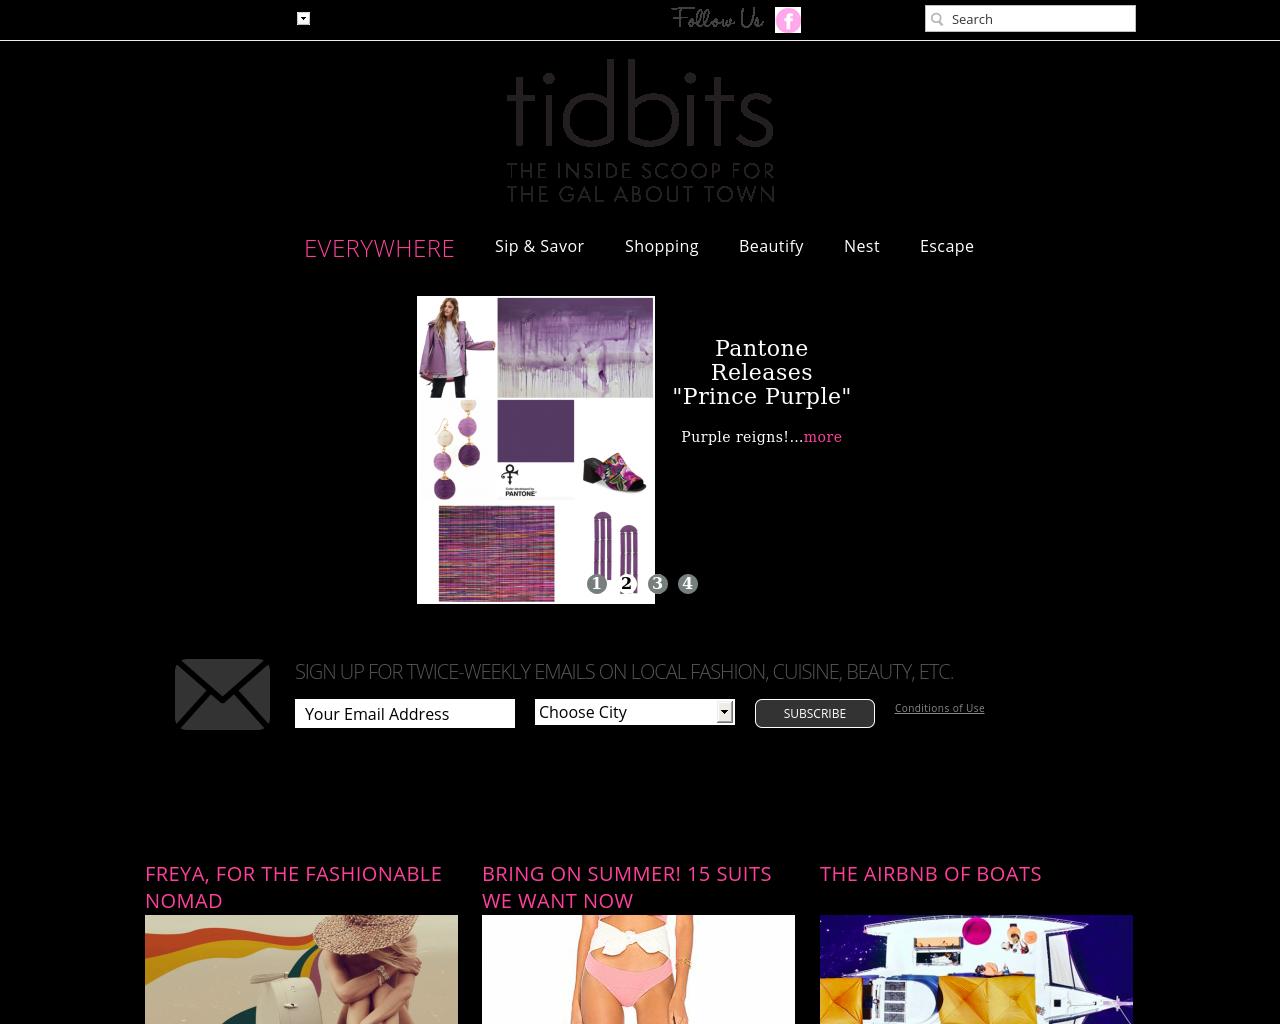 Go-Tidbits-Advertising-Reviews-Pricing